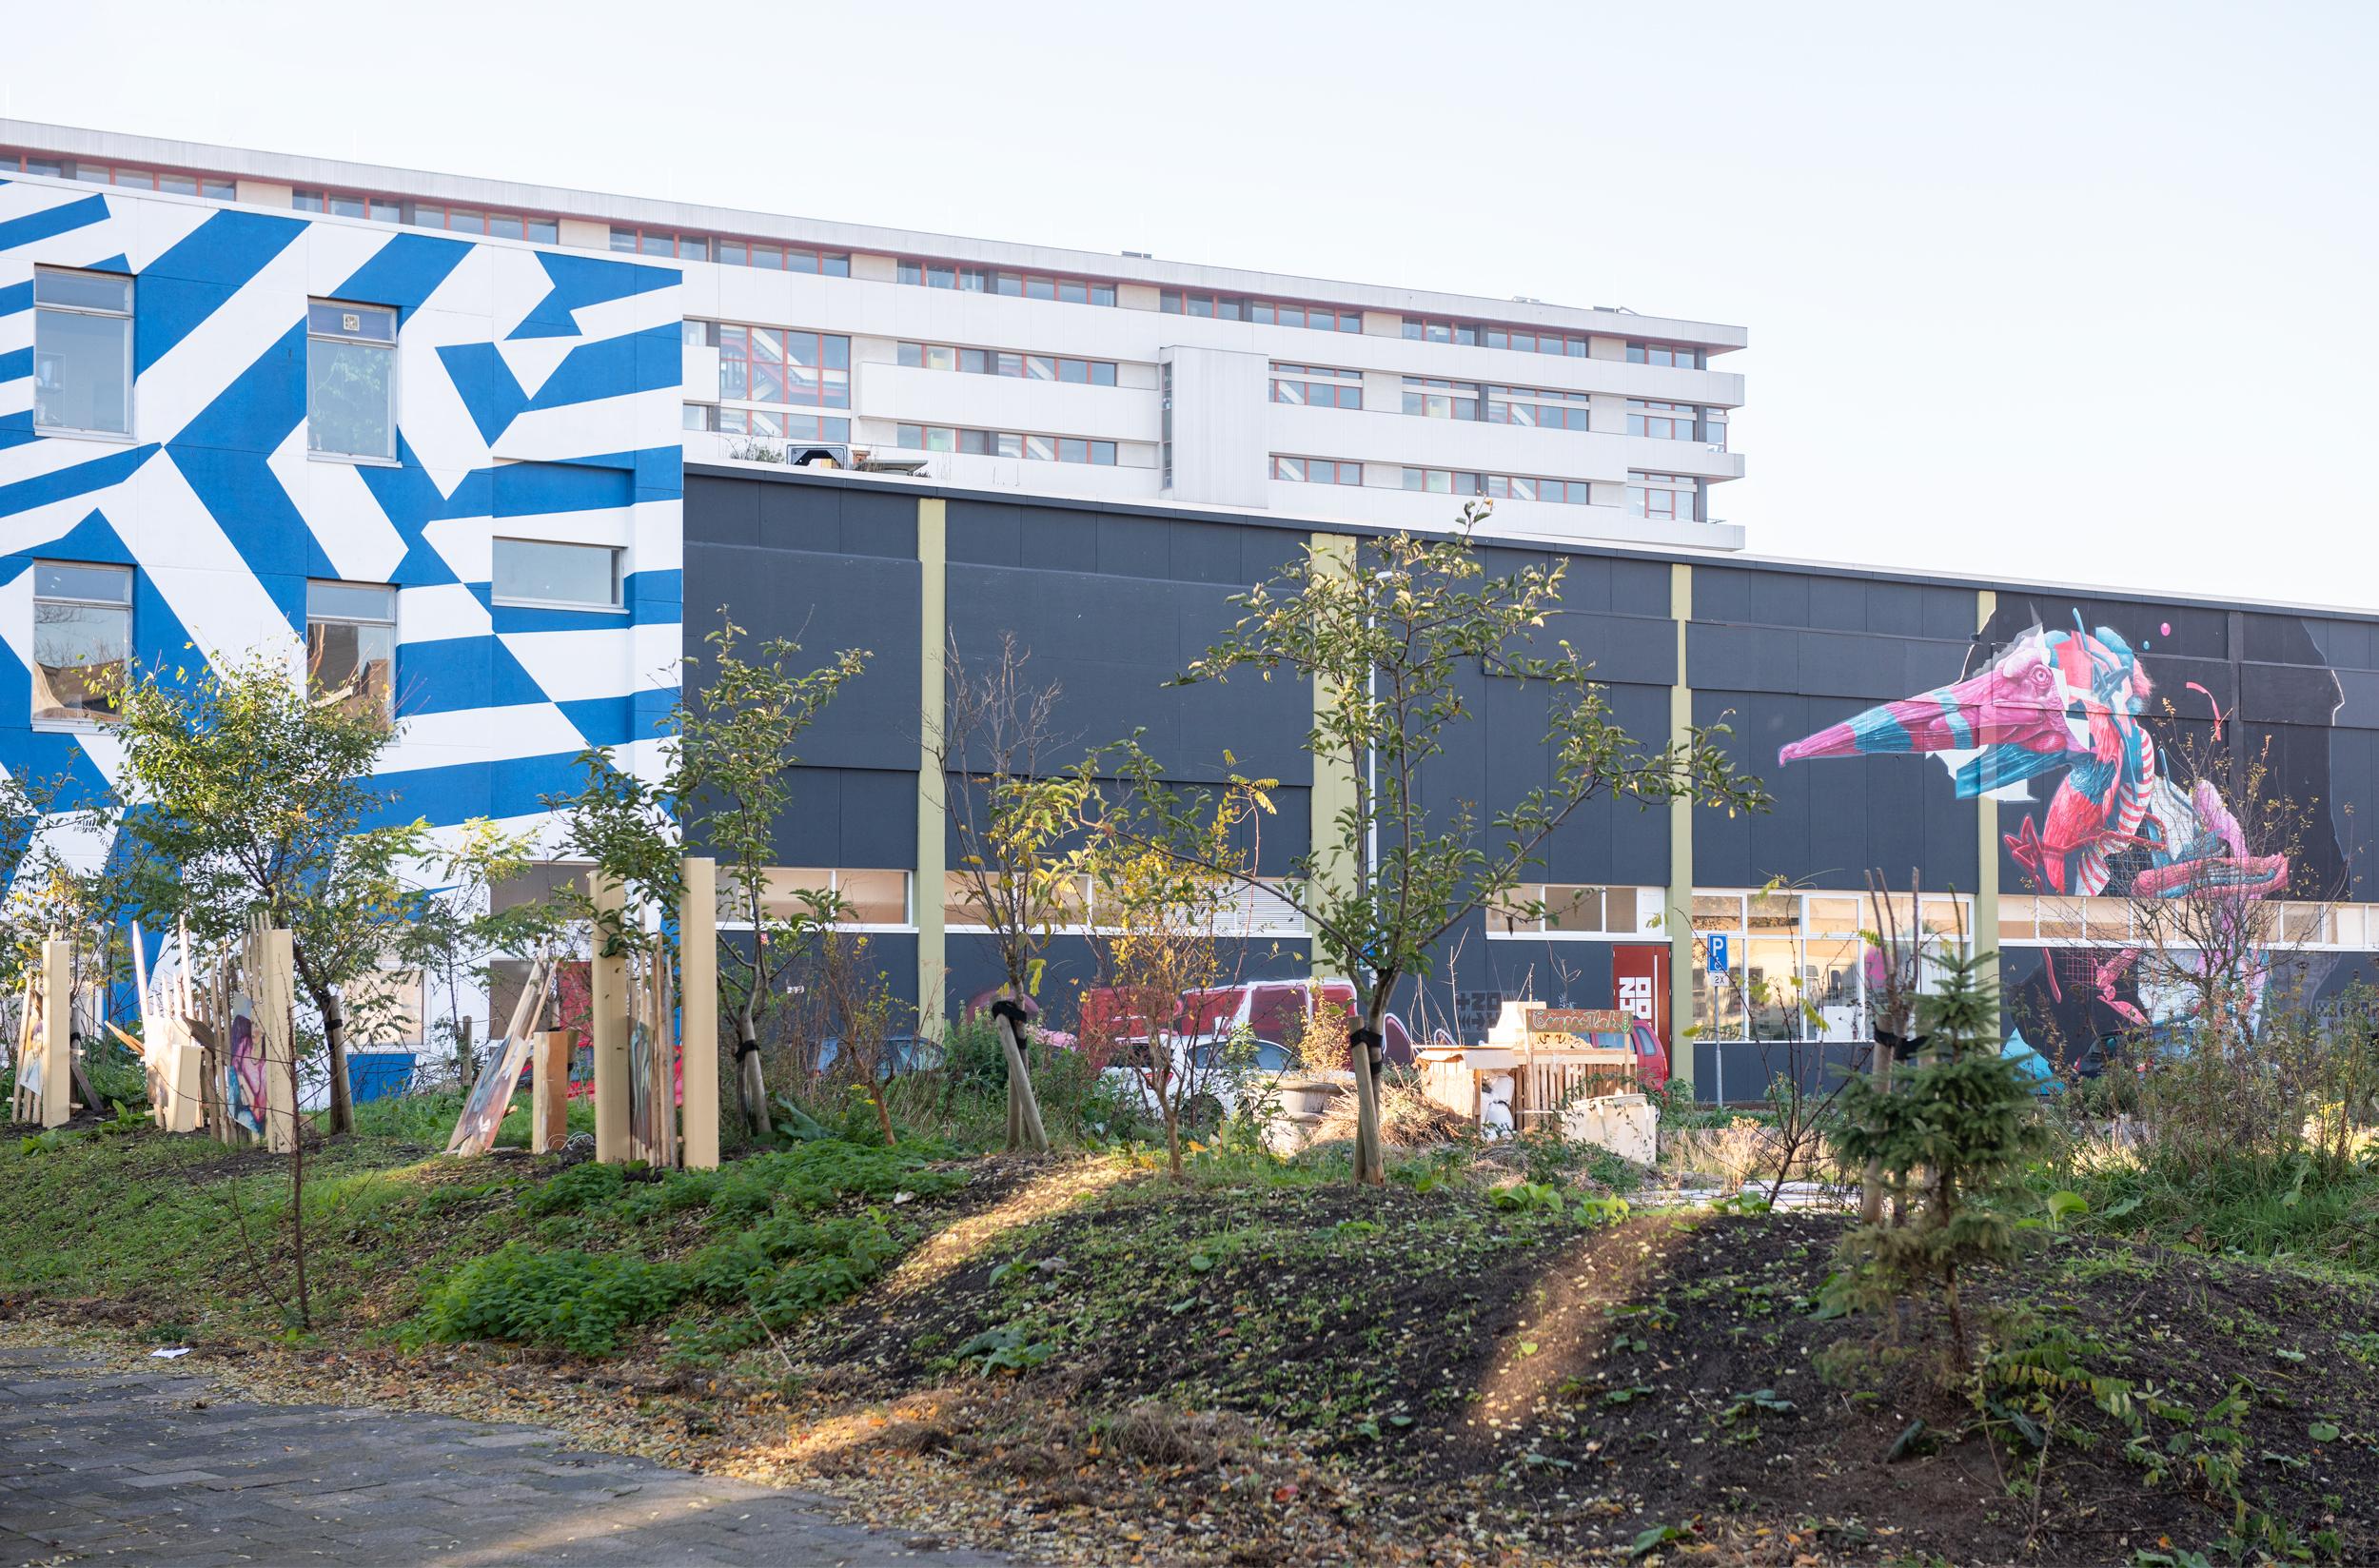 Zomerhofkwartier © Marlies Lageweg (2019)